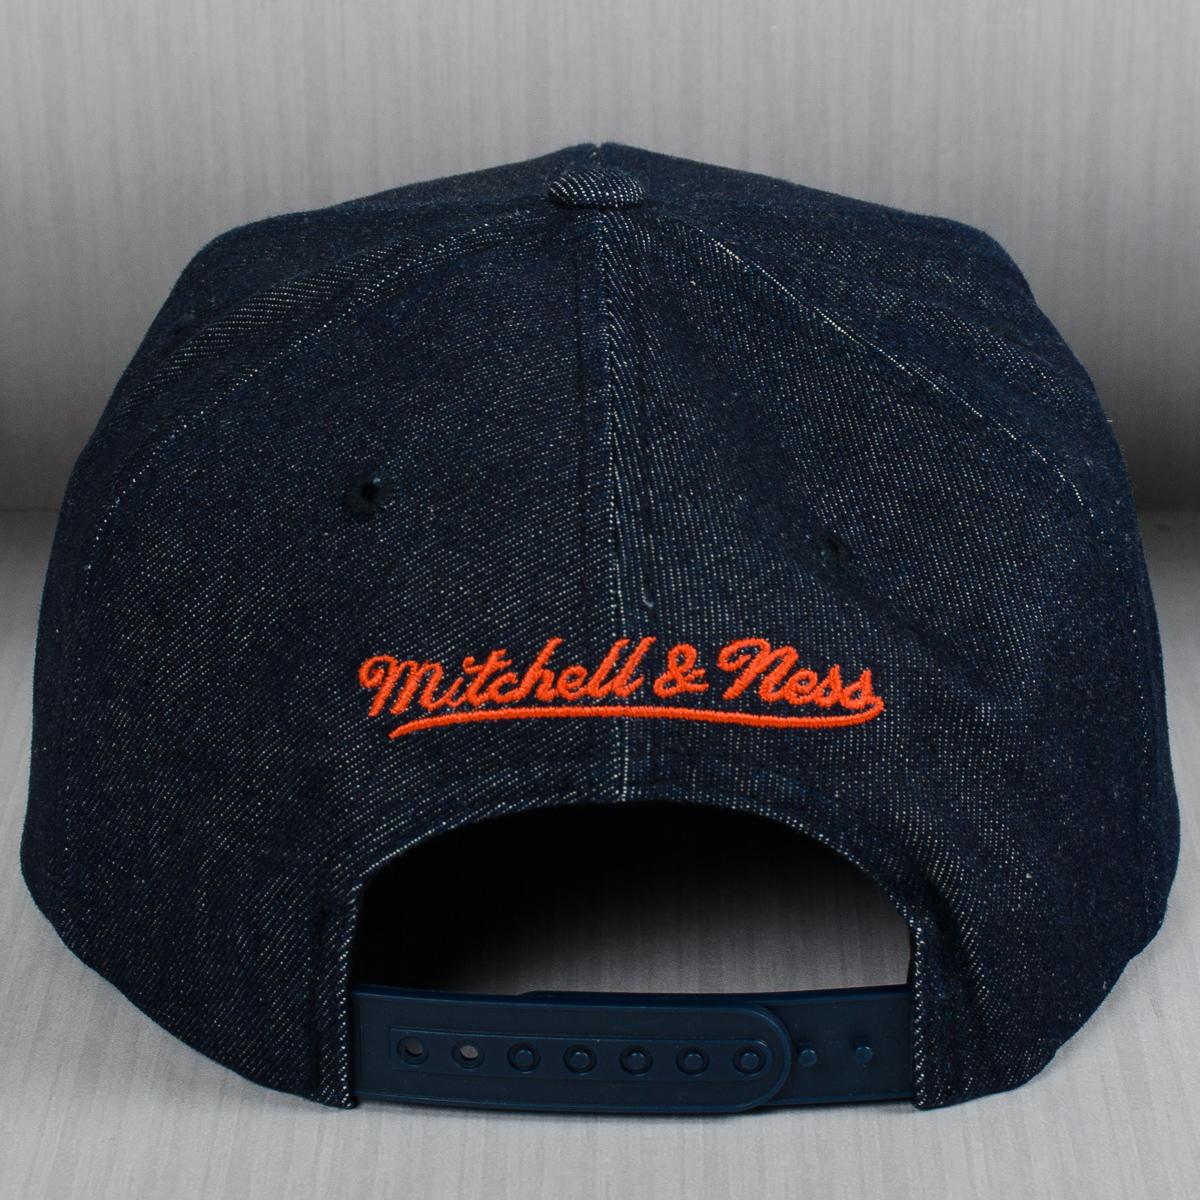 e5ad79763c0fd Mitchell   Ness NBA New York Knicks Raw Denim Snapback Cap - NBA ...